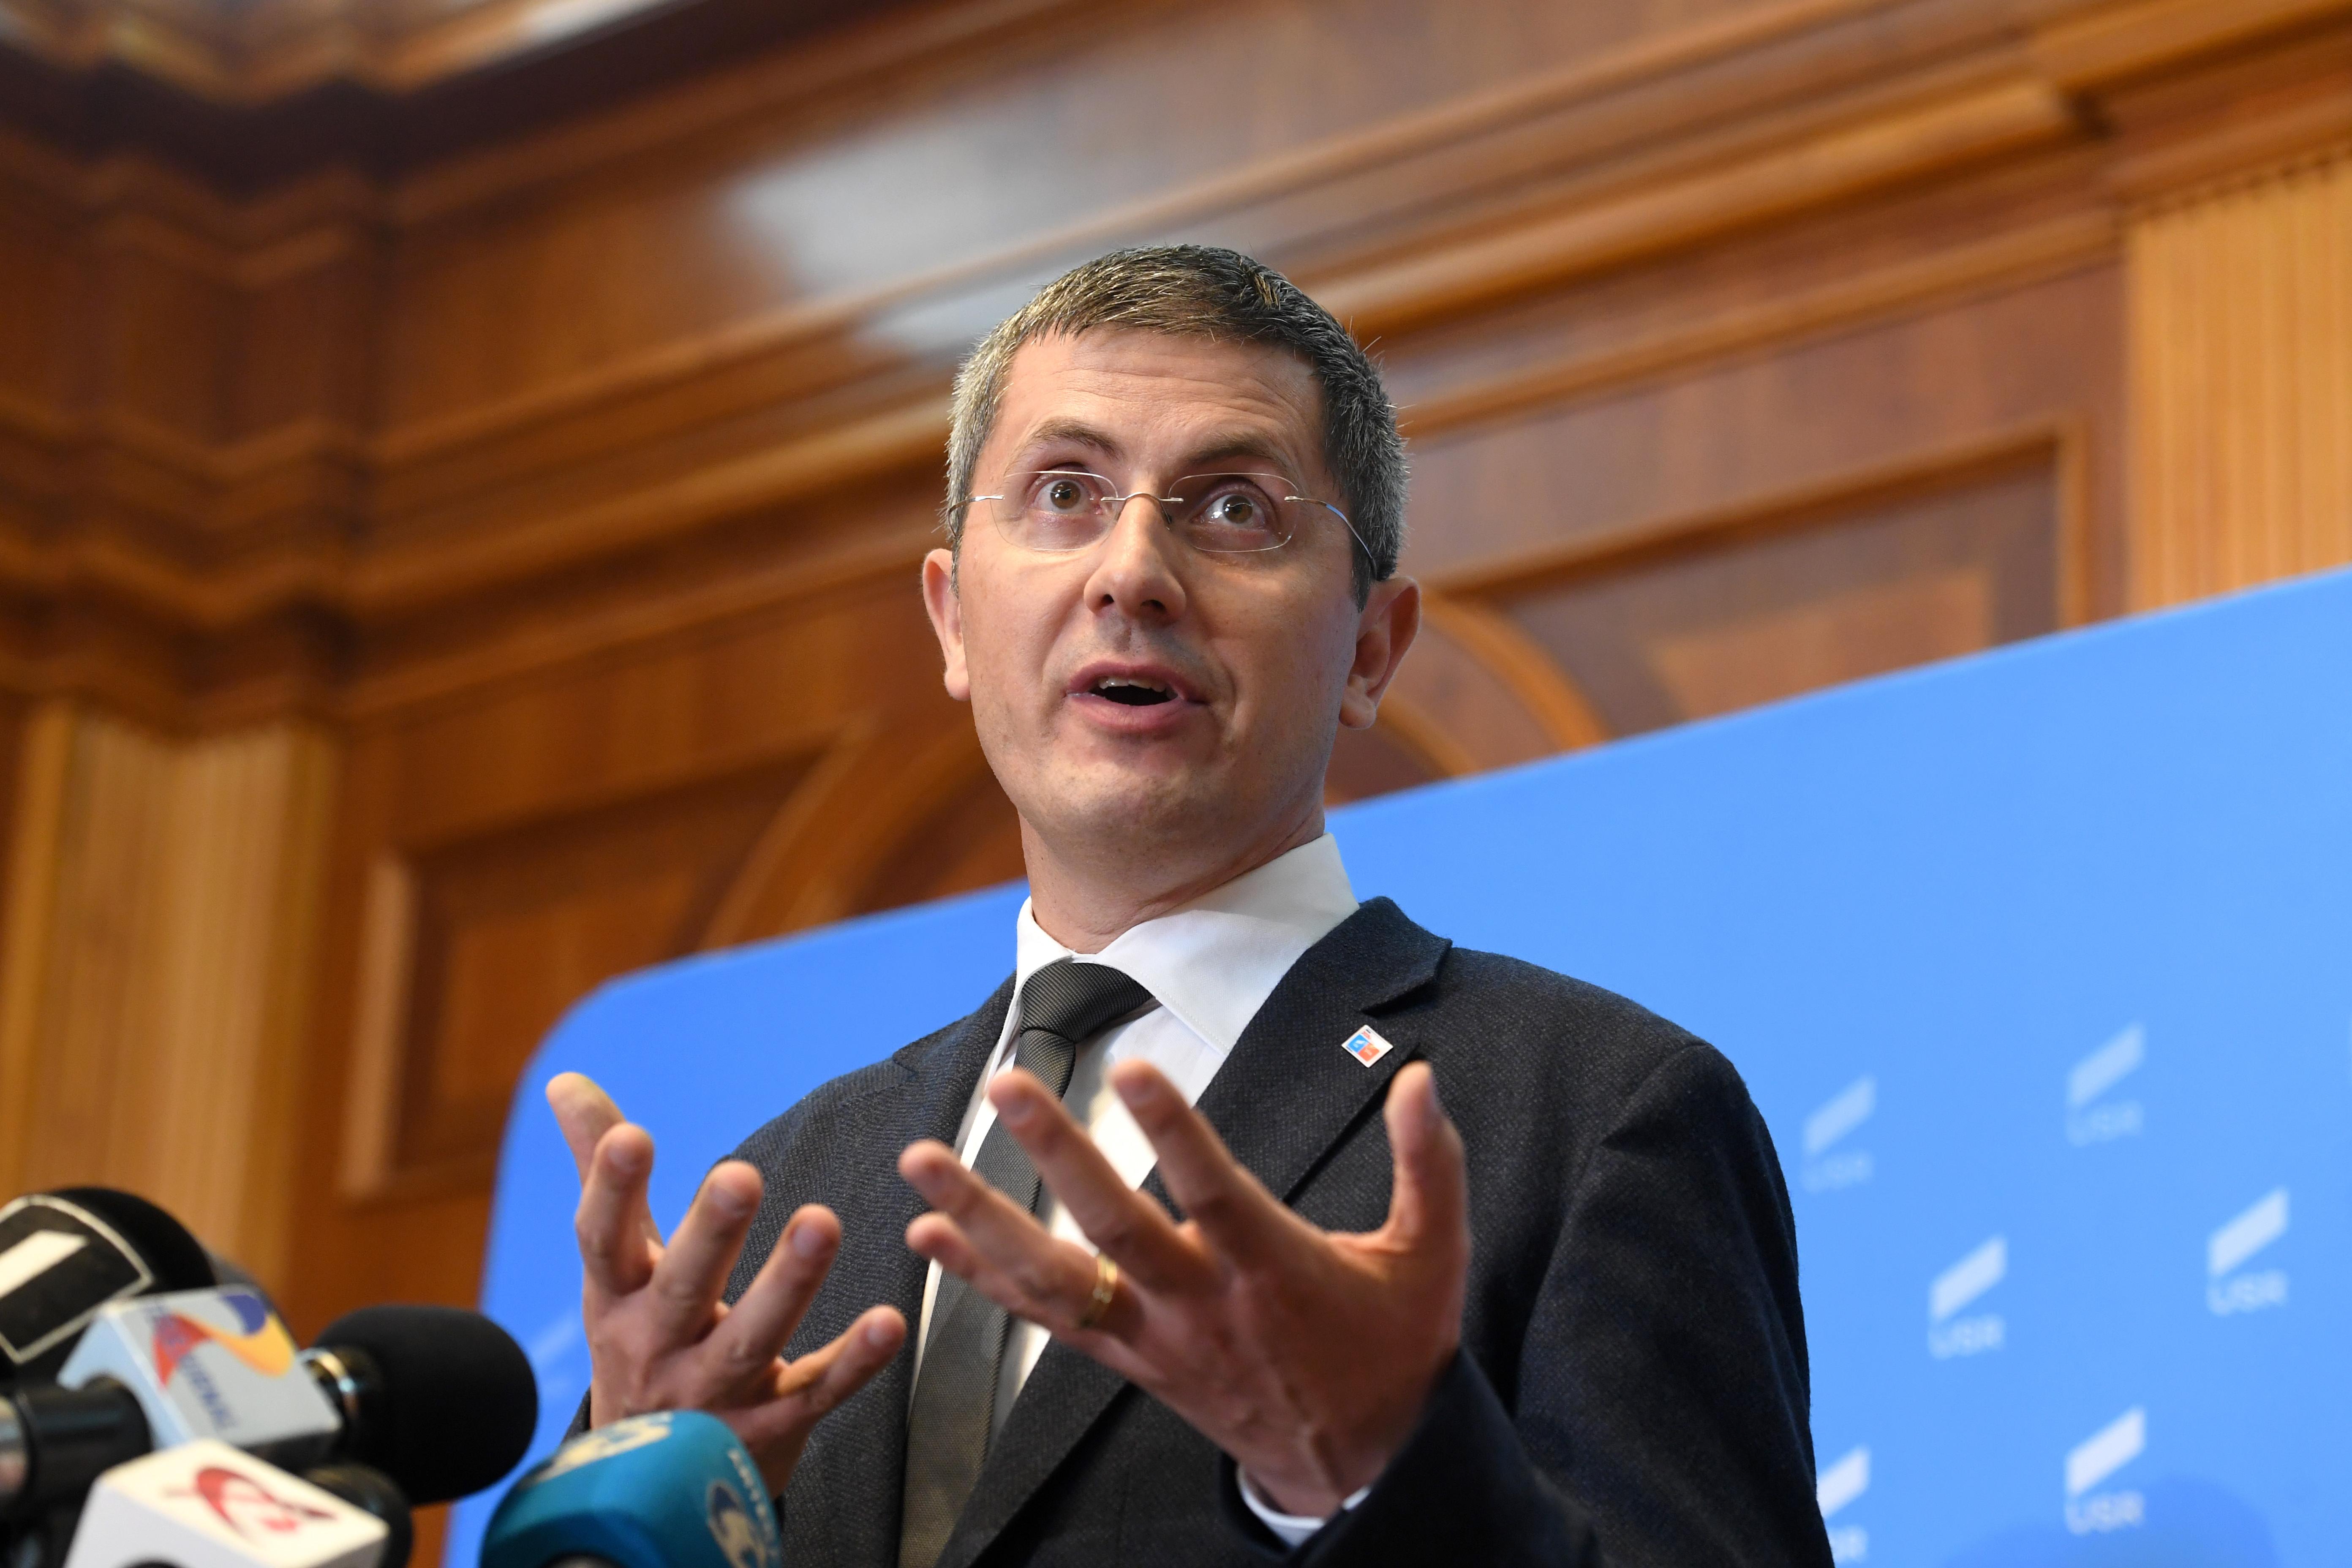 Criză politică în România. Barna renunță la șefia Camerei Deputaților și îl propune pe Drulă